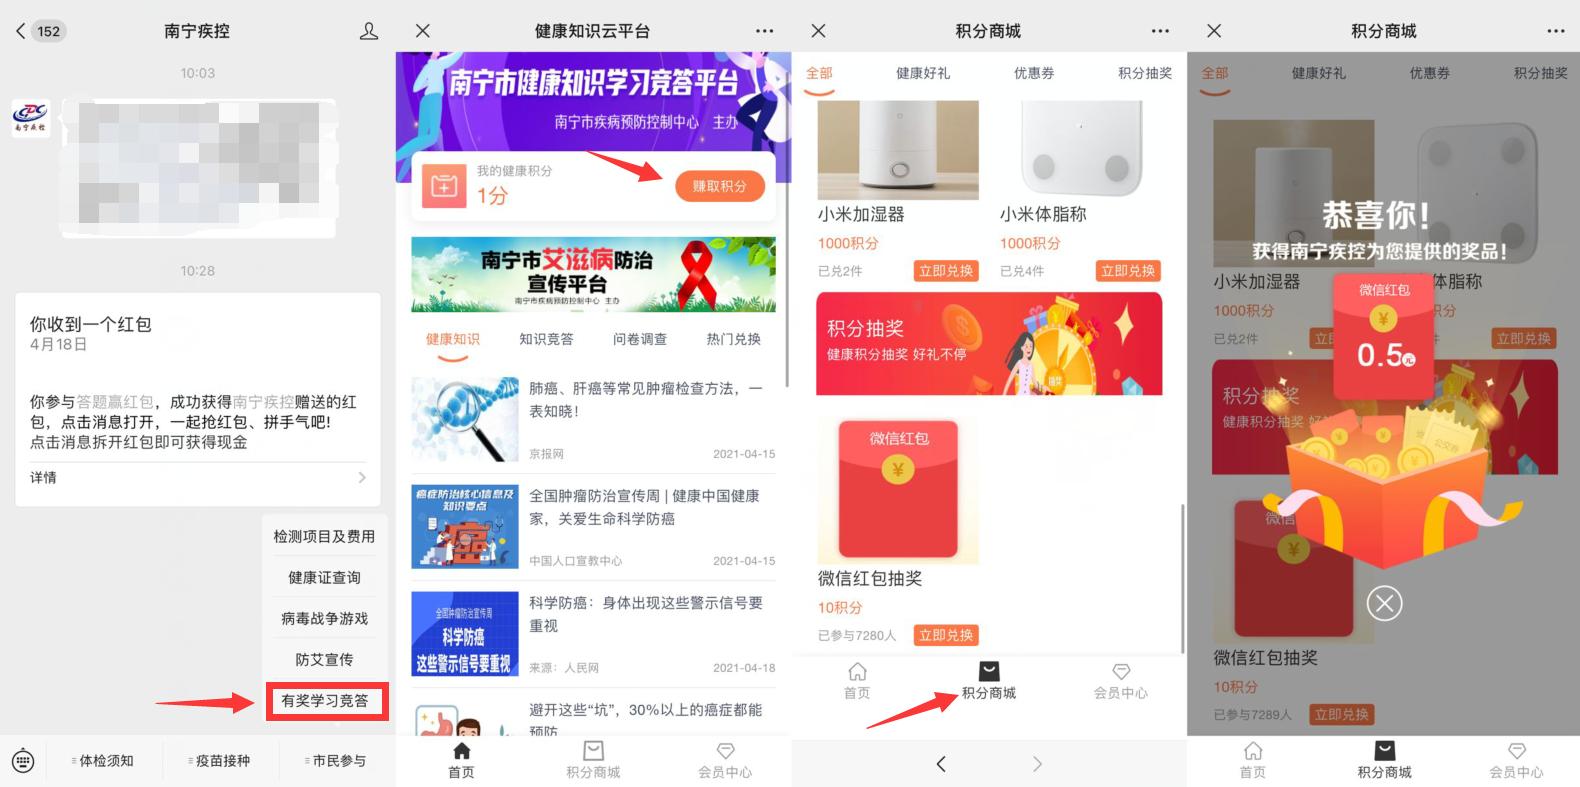 """微信关注""""南宁疾控""""->菜单栏右下""""有奖竞答""""->进入"""